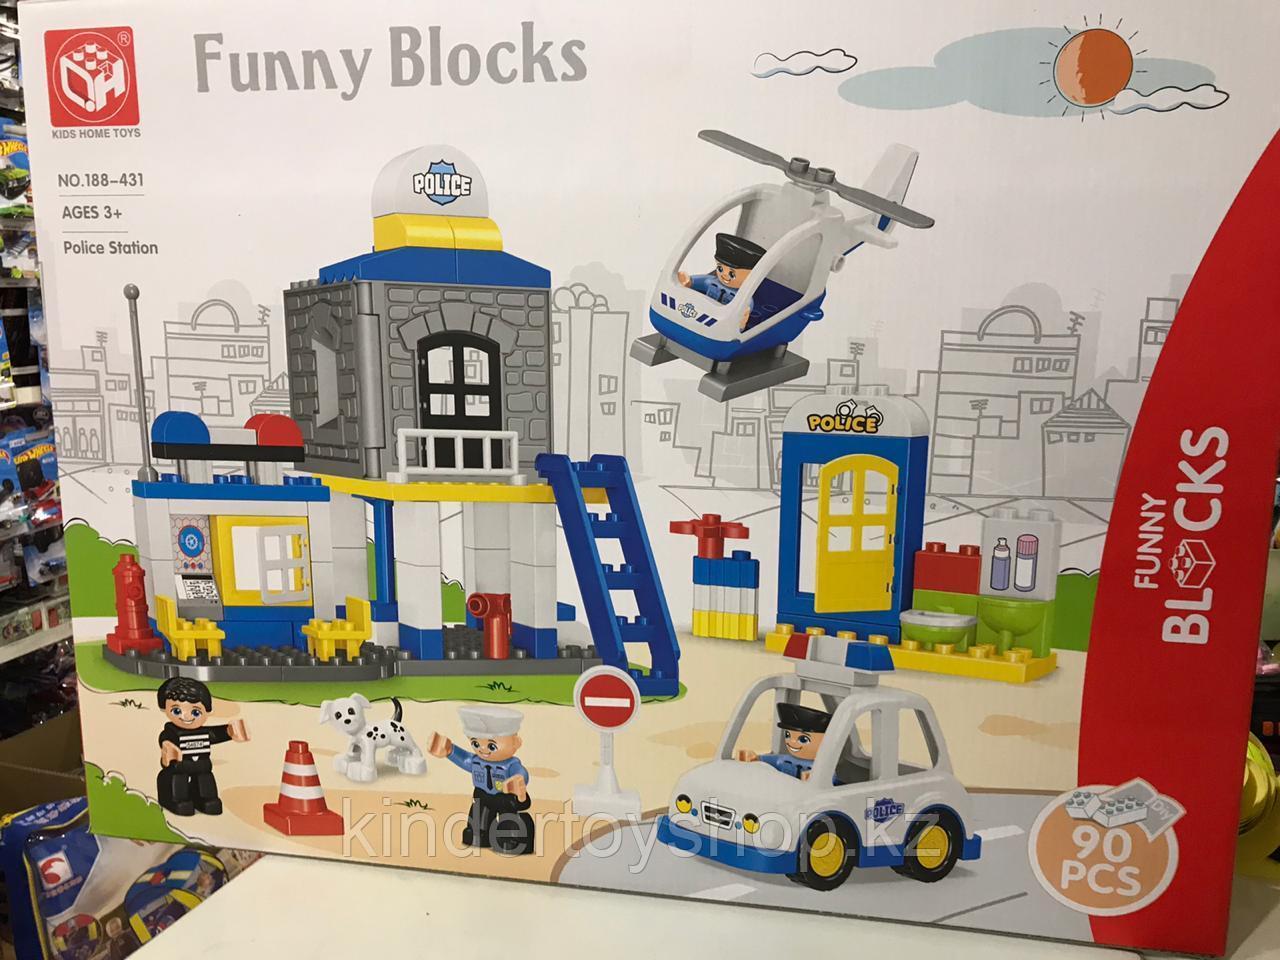 """Конструктор аналог лего дупло lego duplo большие блоки Funny Blocks 188-431 """"Полицейский участок"""", 90 дет"""